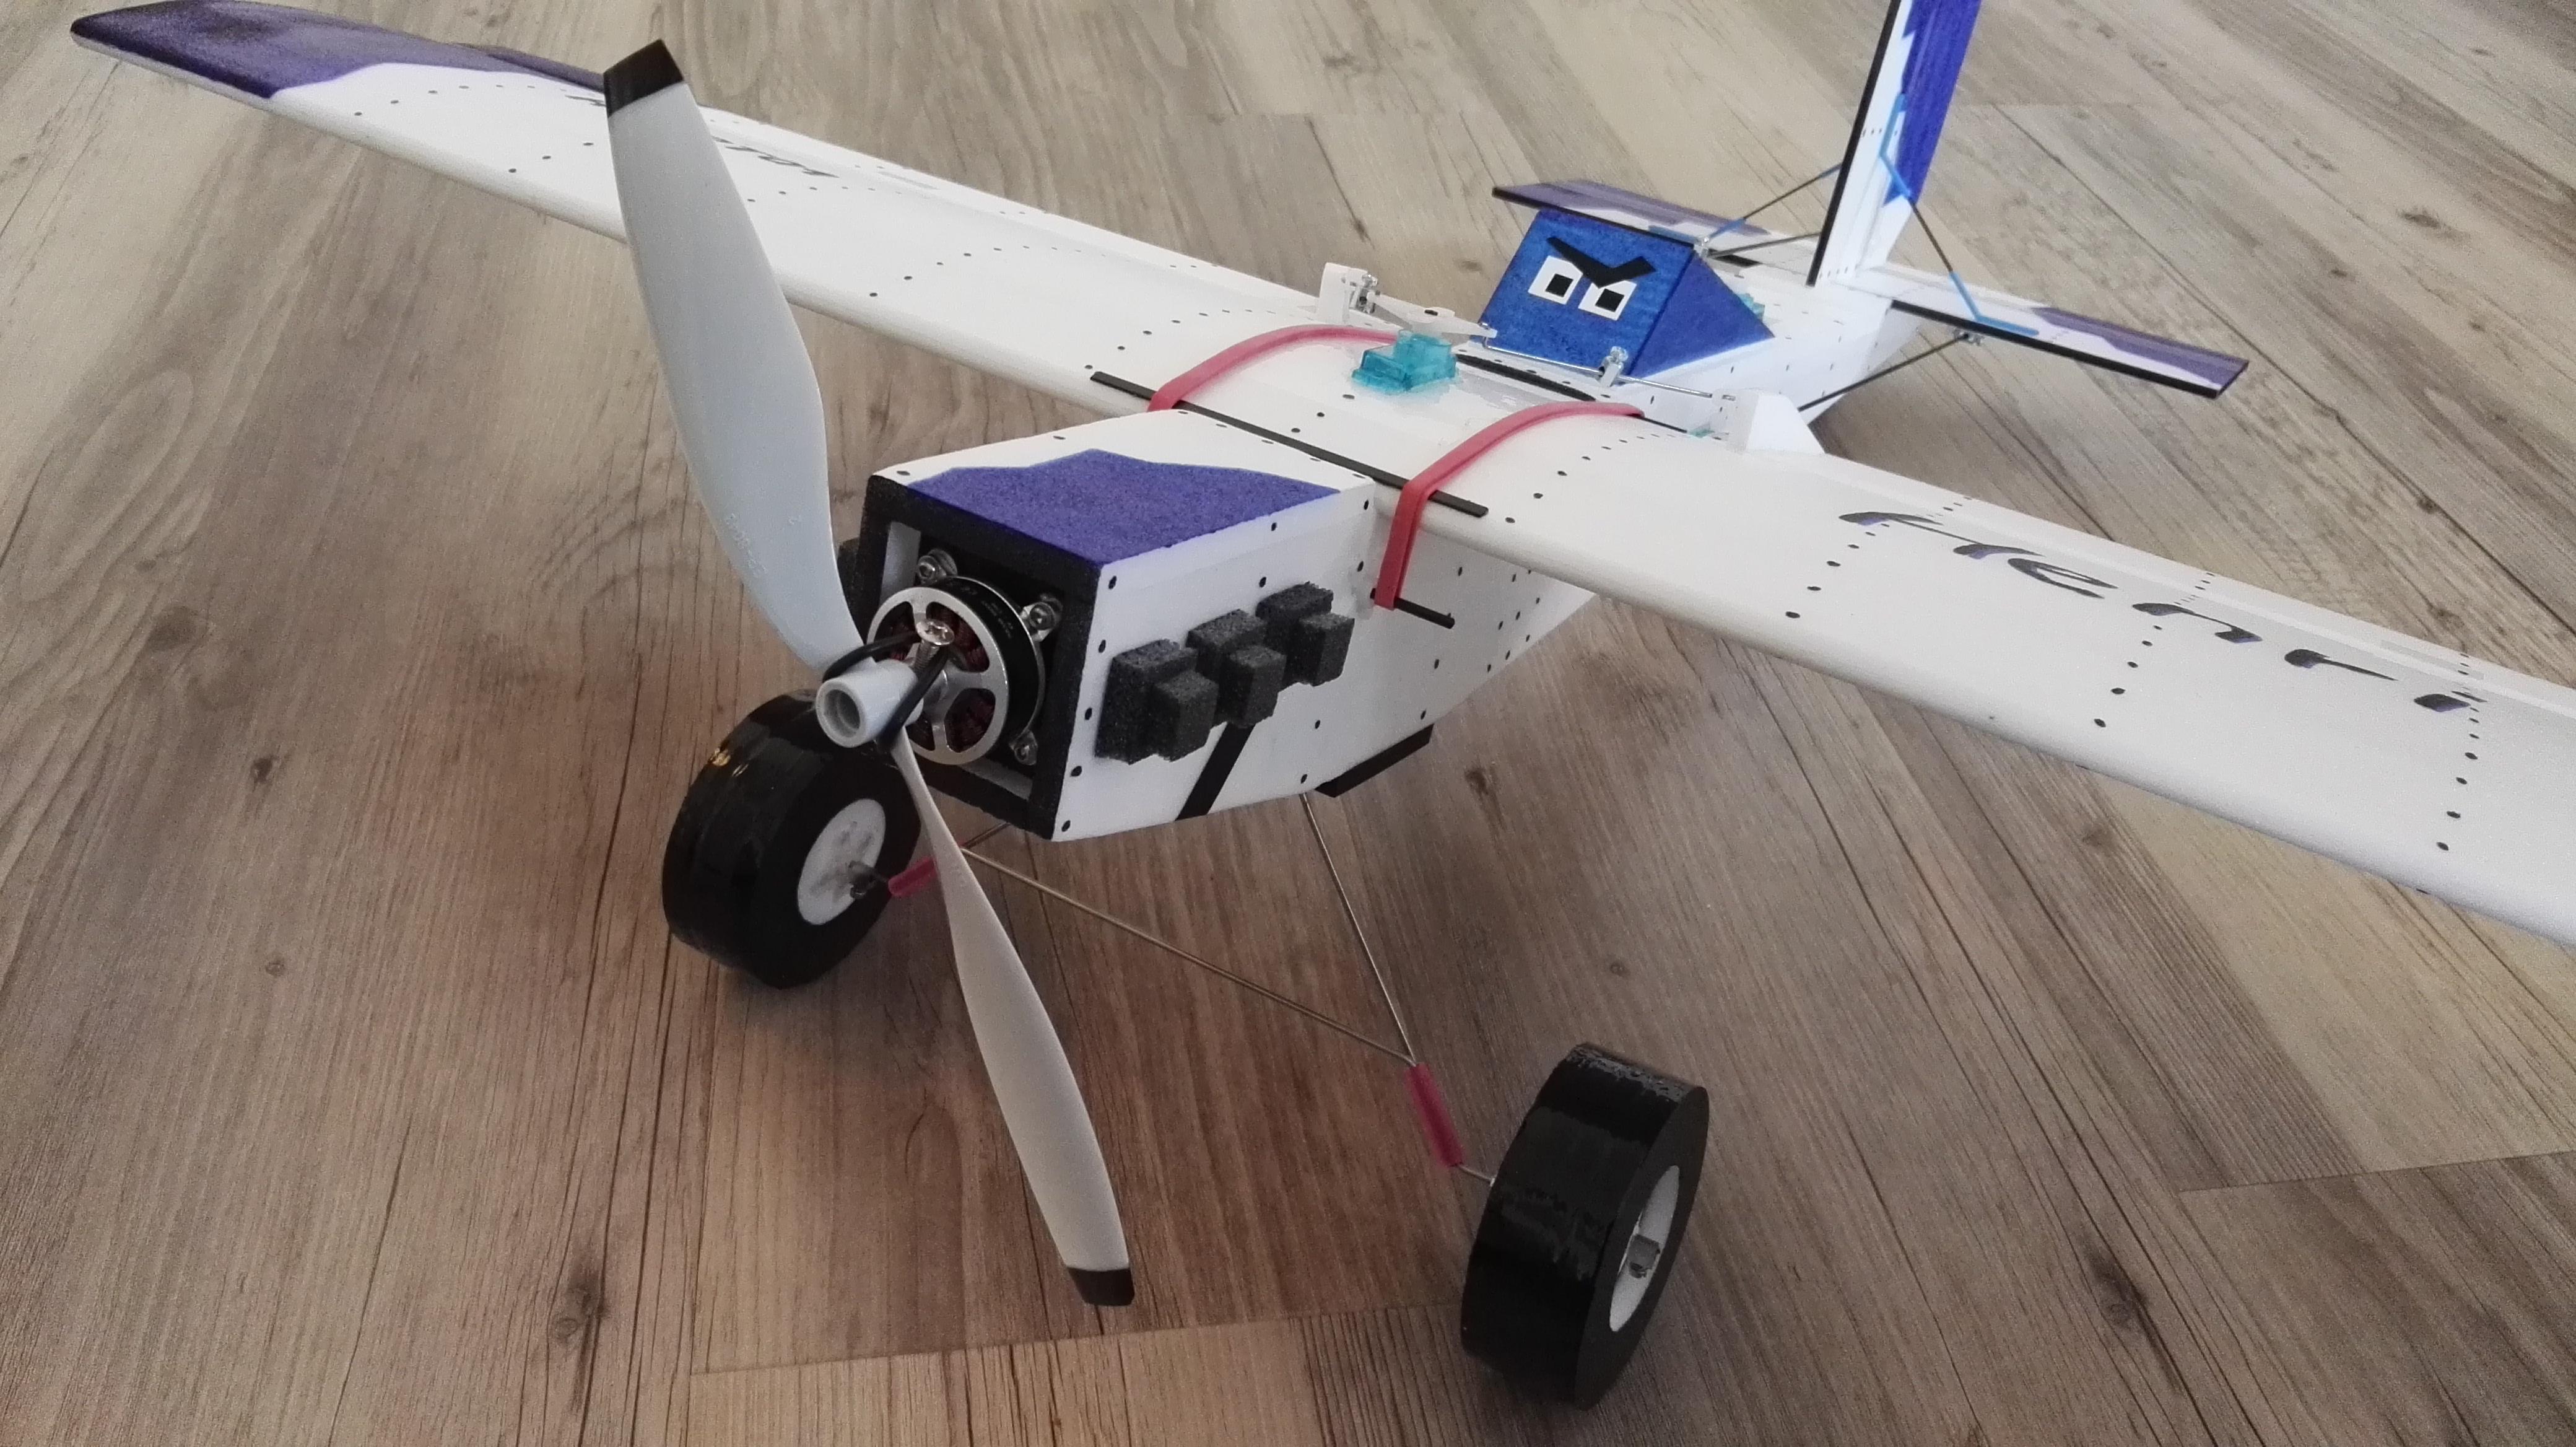 ferngelenkte elektroflugmodelle bauen und fliegen